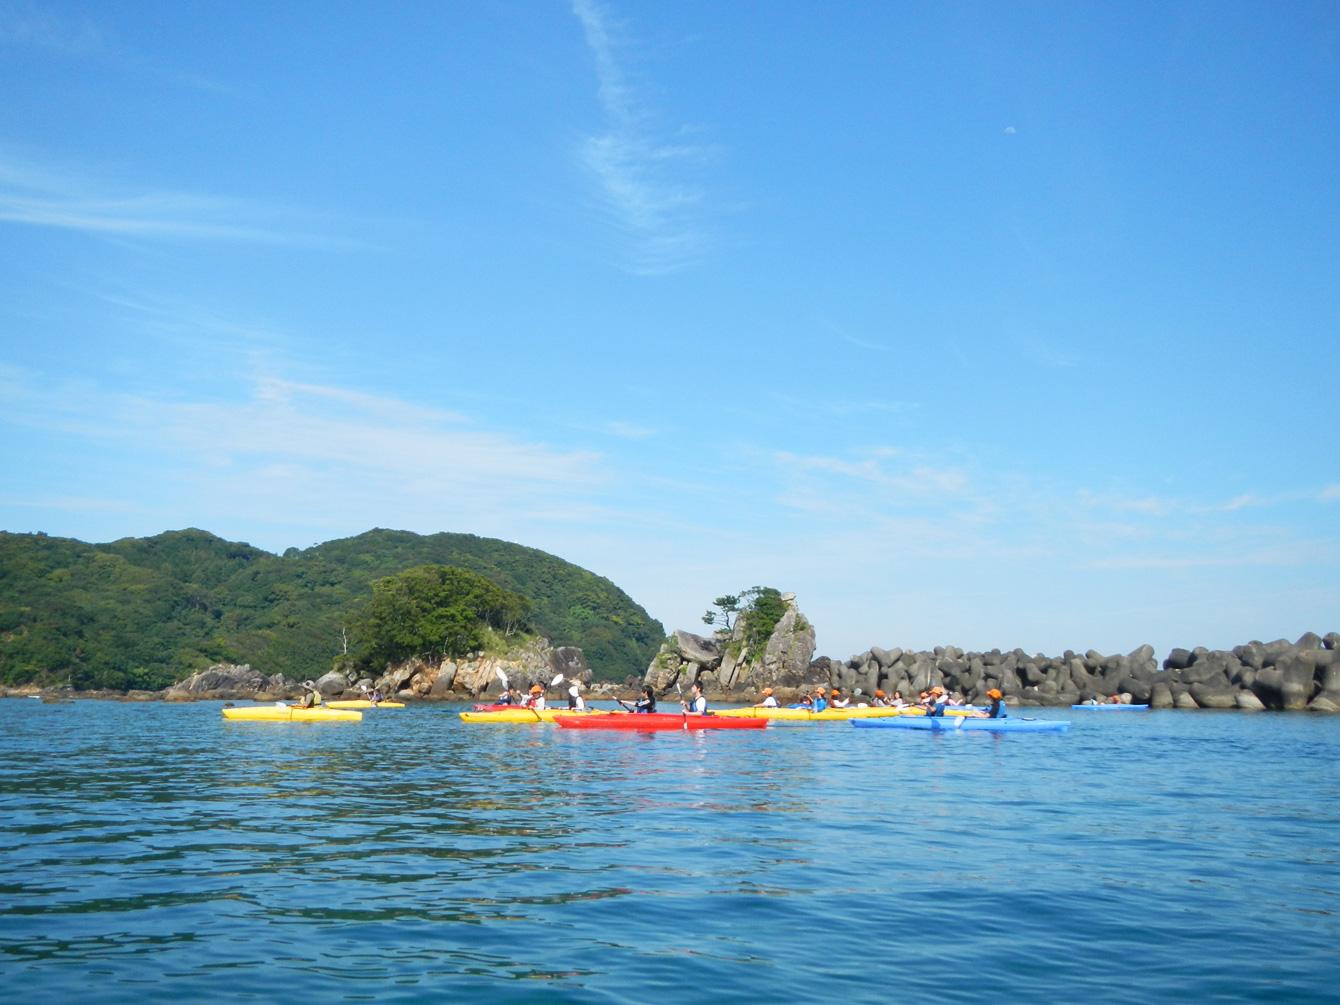 海陽町・宍喰地区の島、竹ケ島でのシーカヤックの様子。春と秋は修学旅行生で賑わう。